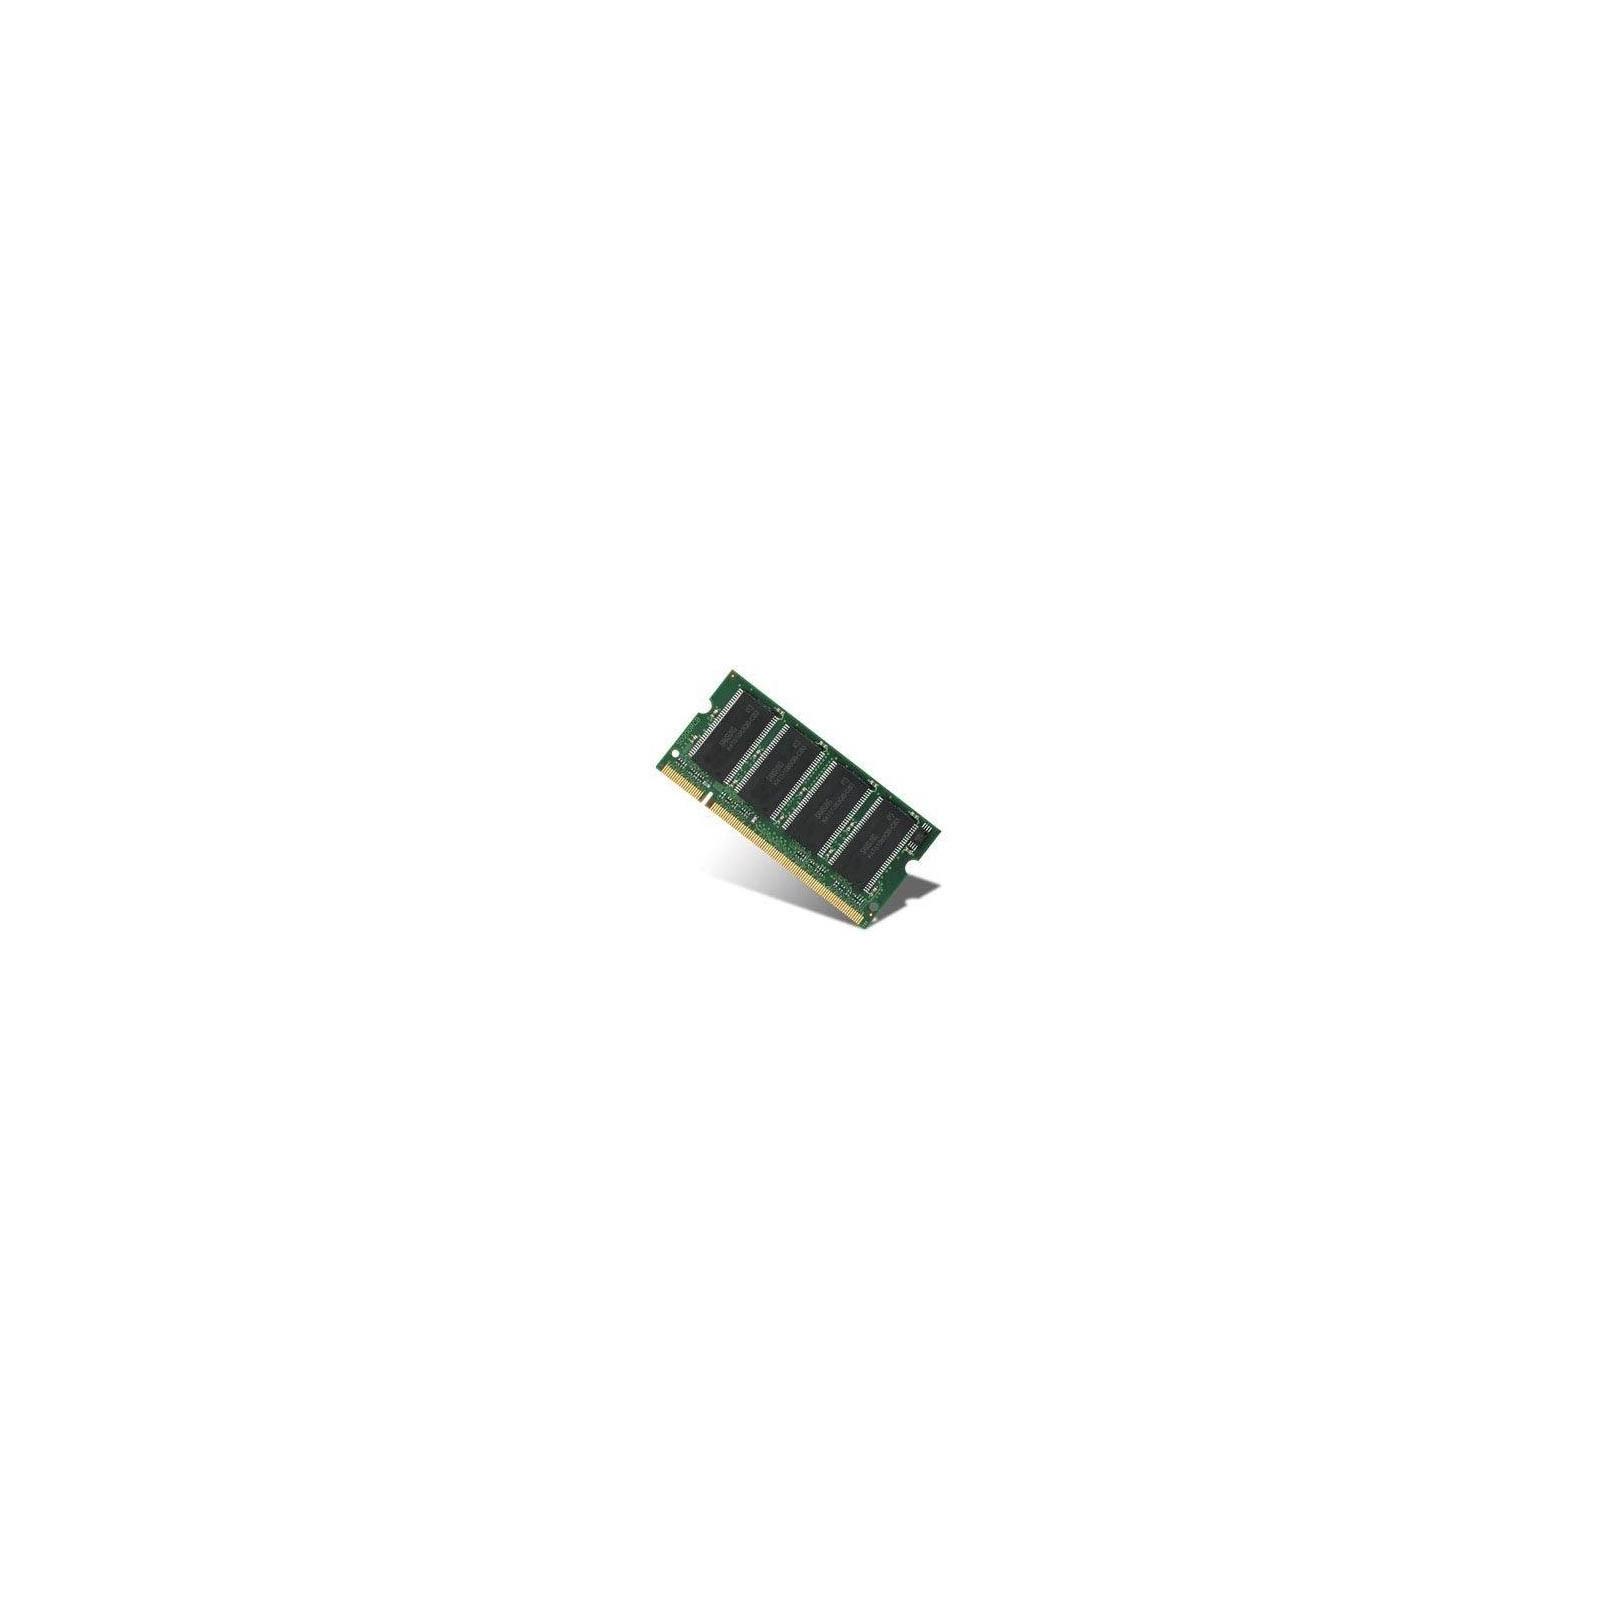 Модуль памяти для ноутбука SoDIMM DDR 512MB 333 MHz GOODRAM (GR333S64L25/512)